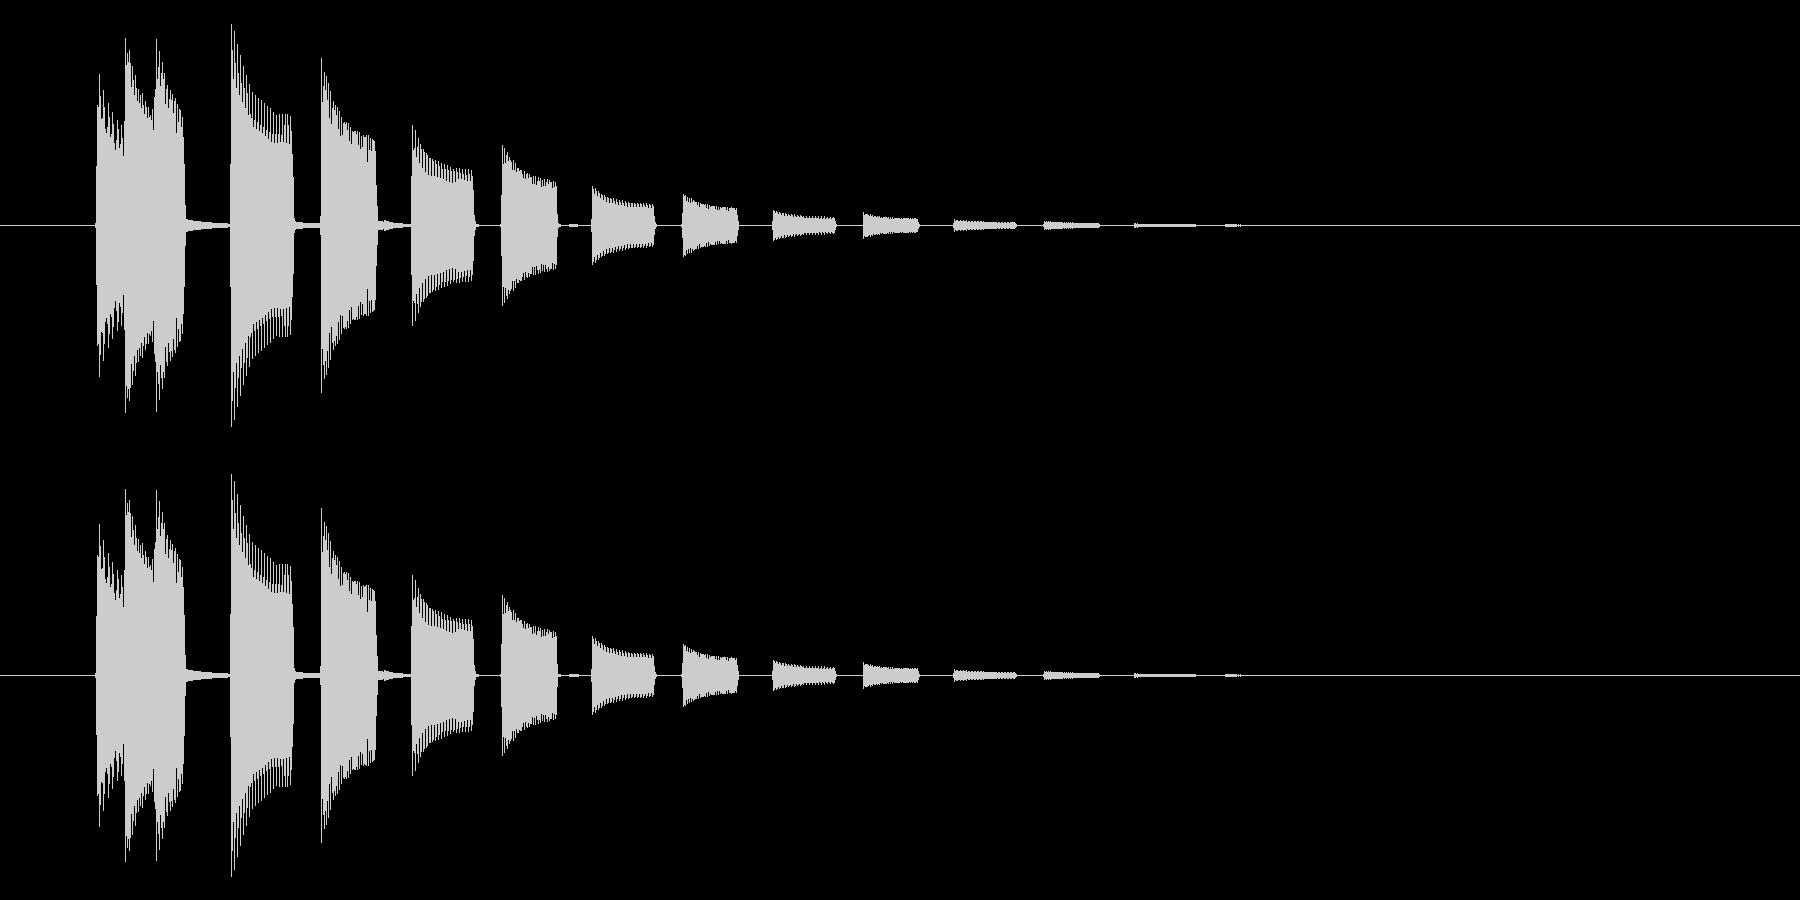 GEN-格闘01-14(選択)の未再生の波形